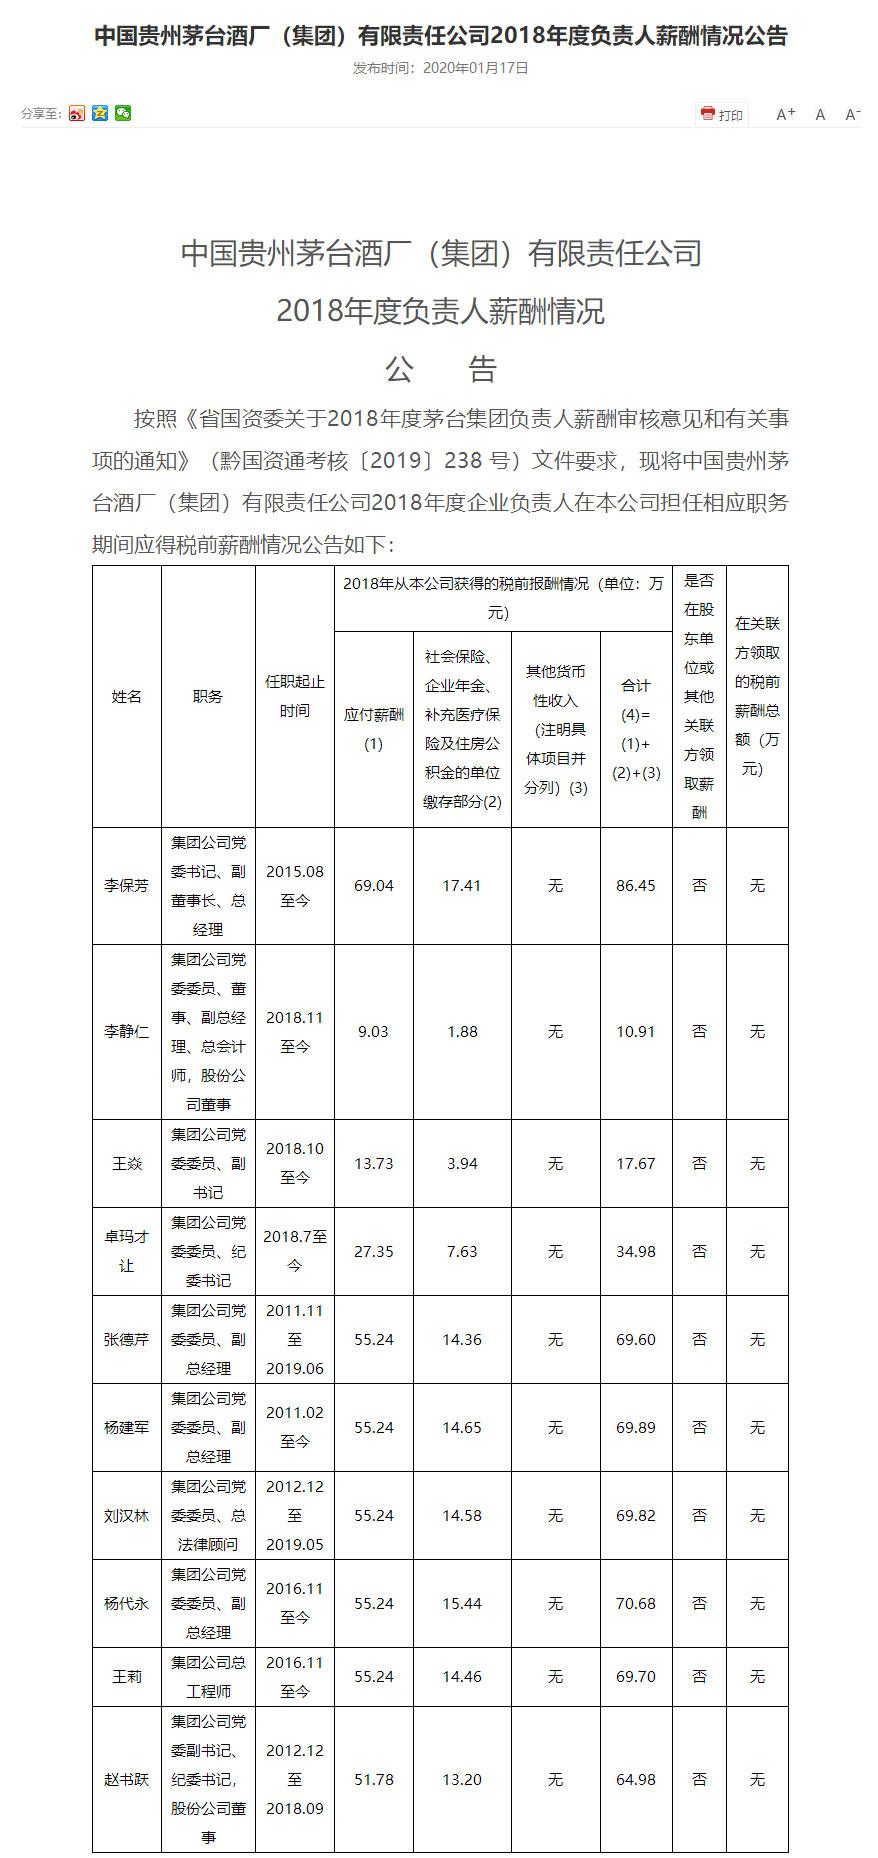 茅台2018年薪酬公布:李保芳税前